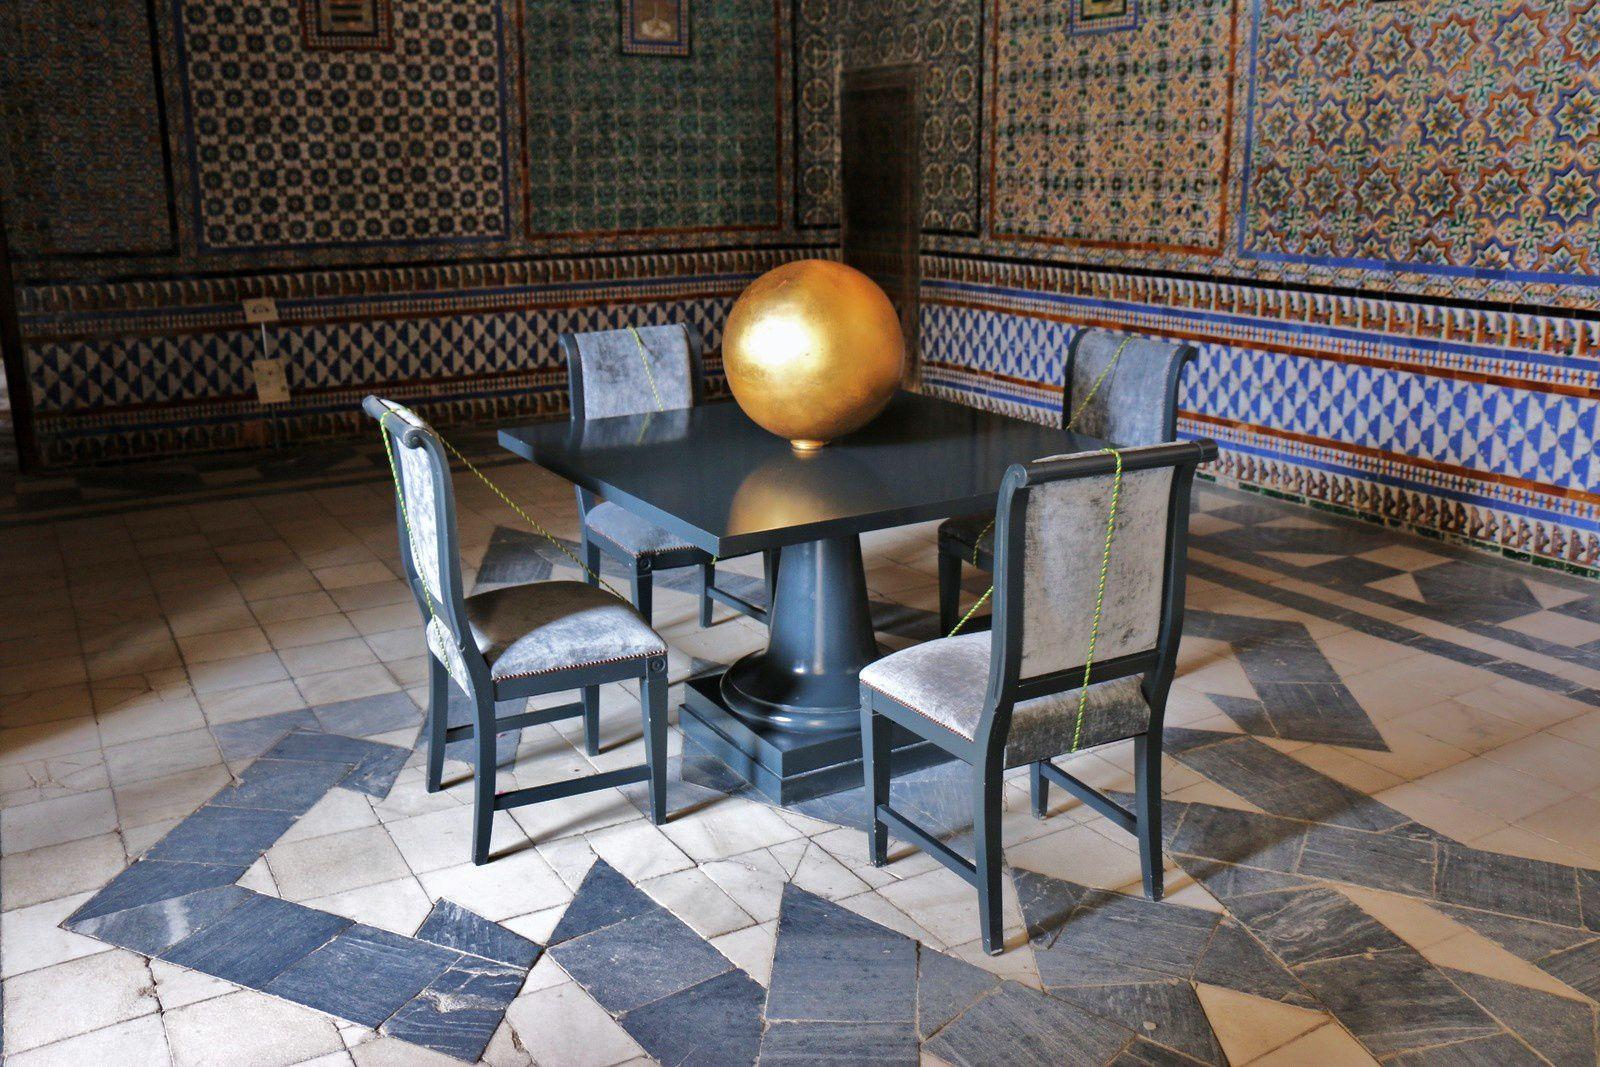 La chapelle, Maison de Pilate (Séville)